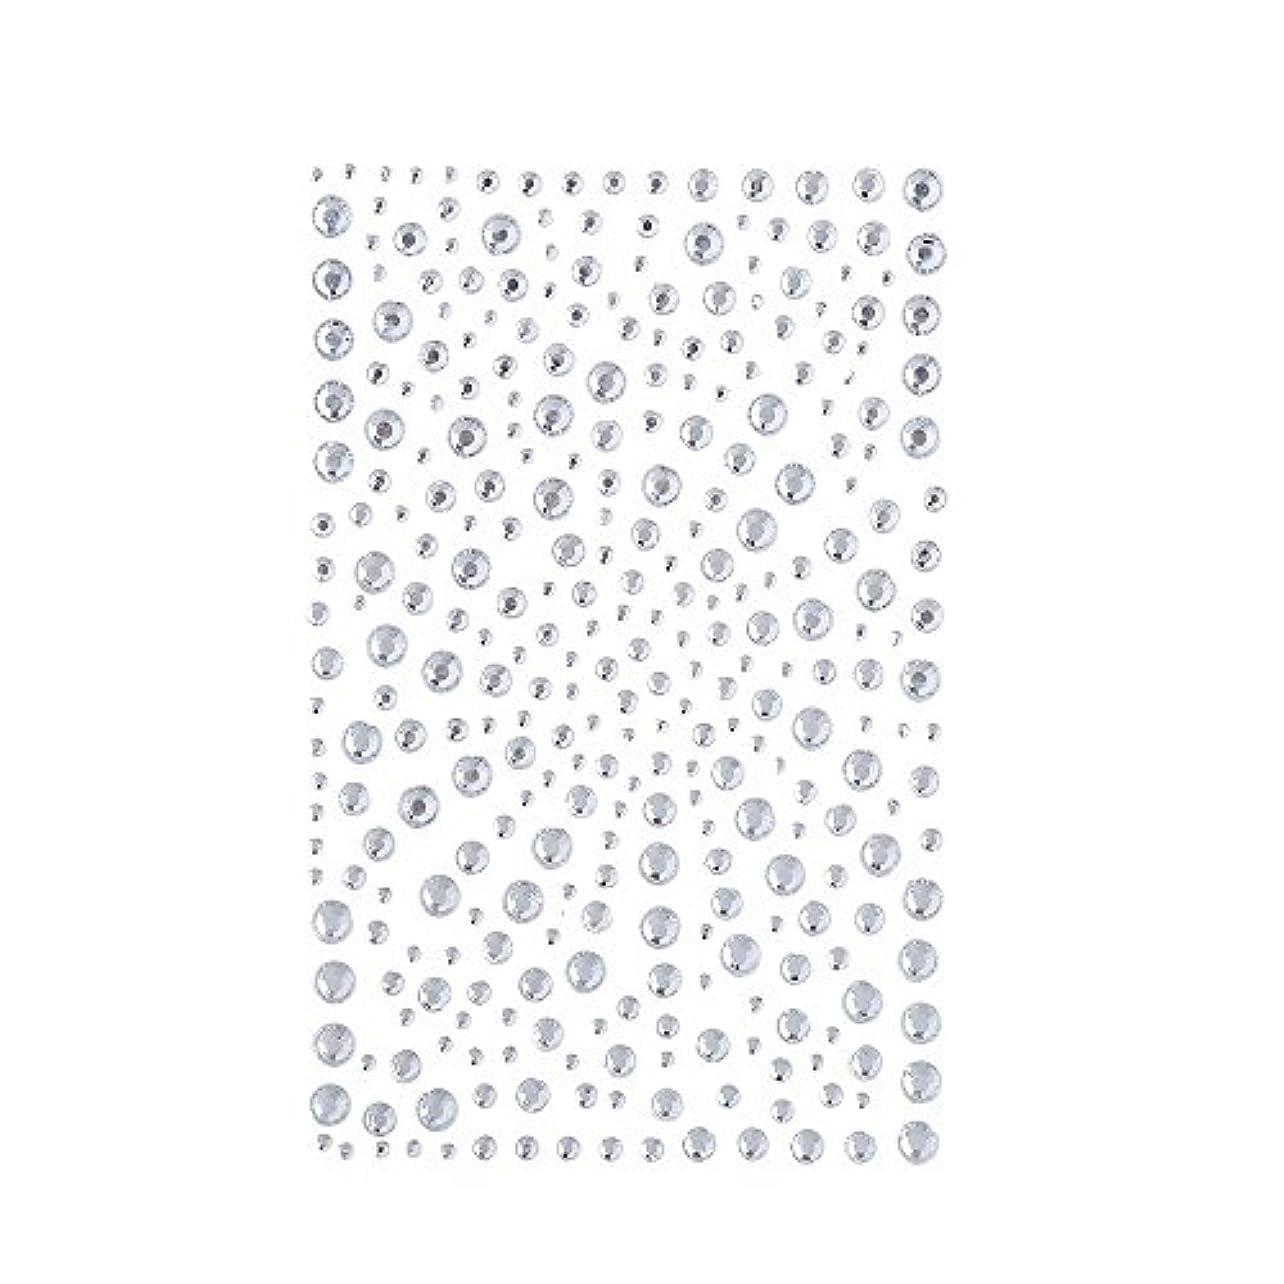 行うヒール寛容なラインストーン 人工ダイヤモンド スワロフスキー ホットフィックス 325粒 (白)